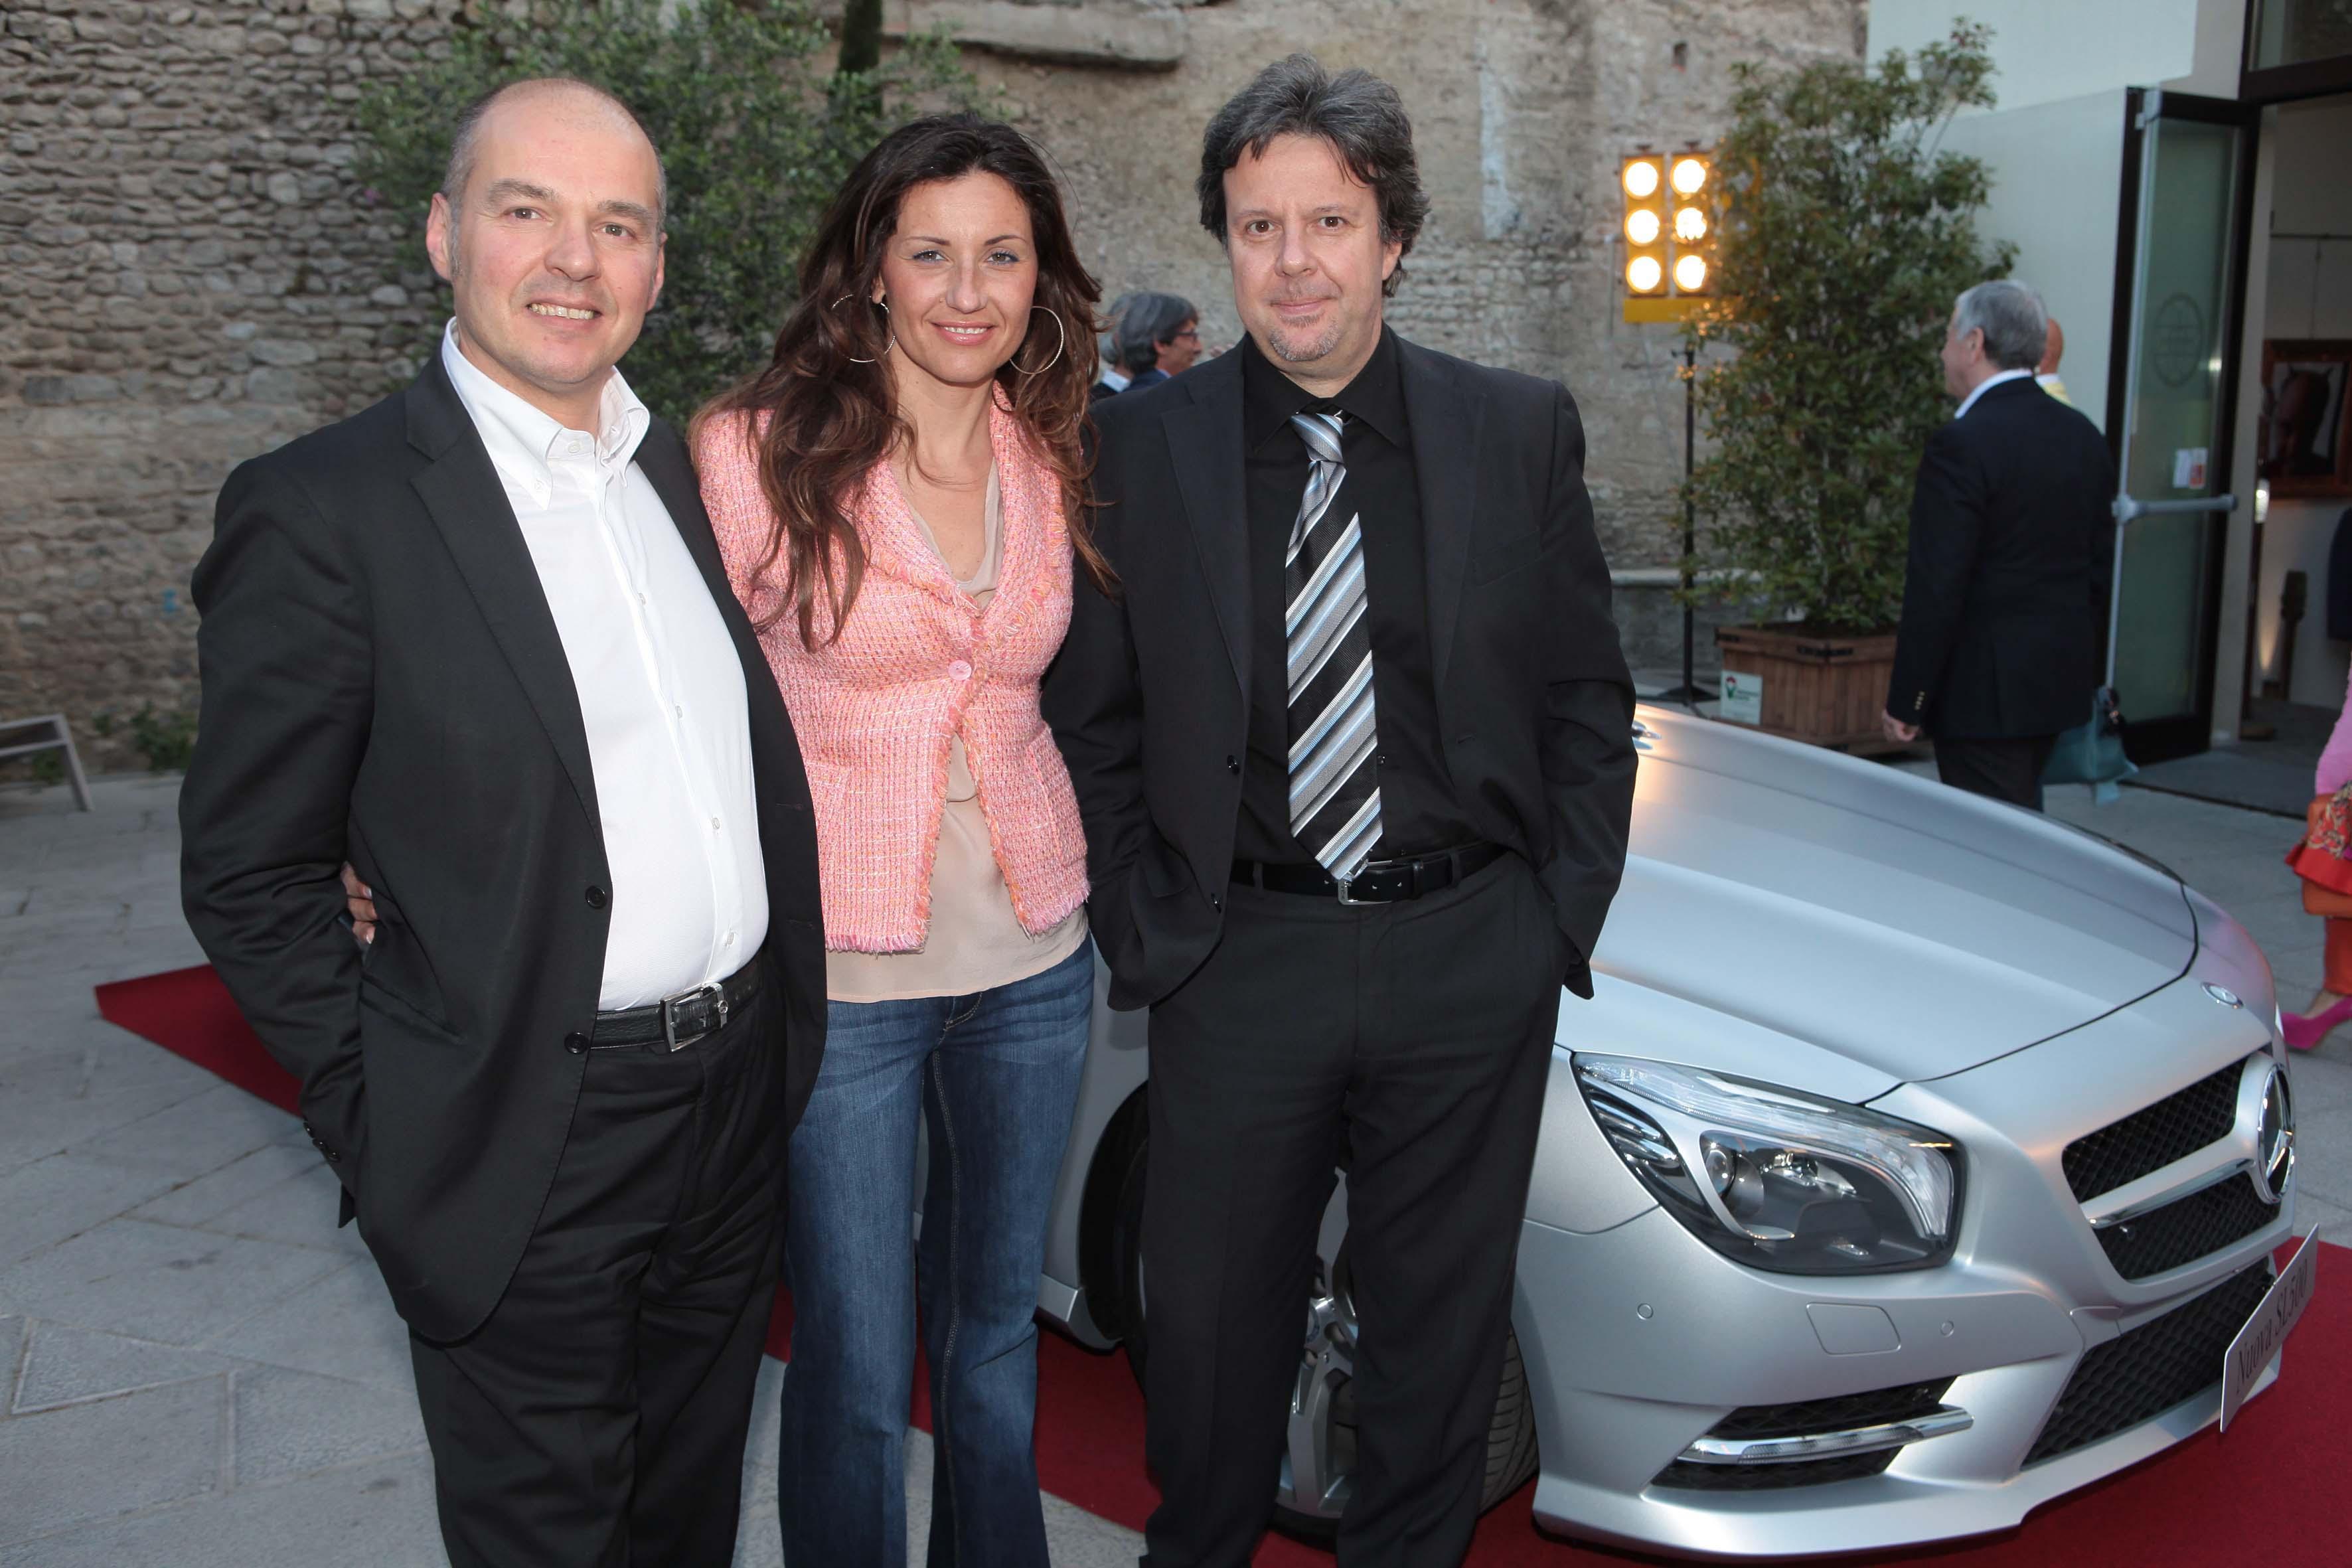 Pressphoto-Firenzemagazine-  Prato Opificio, serata Mercedes- nella foto: Sefano Ceri  Costanza Gregoratti, Giacomo Mazzei